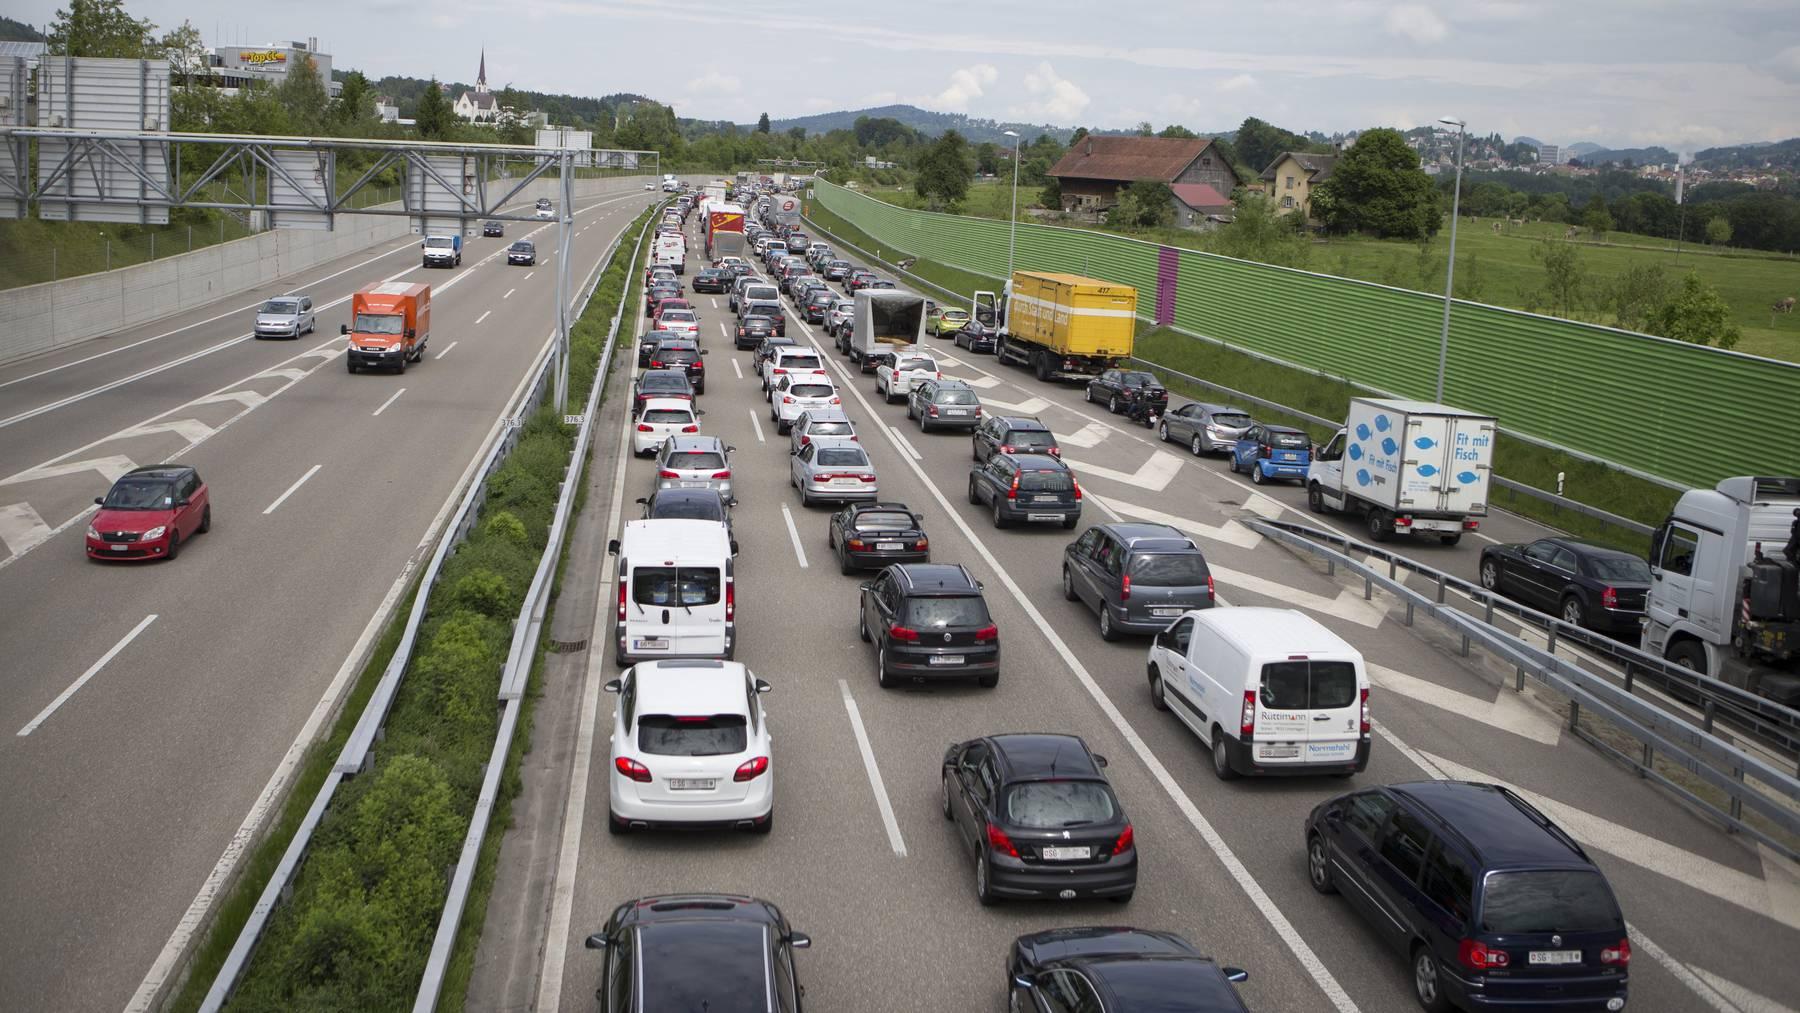 Feierabendstau auf der Stadtautobahn ist in den nächsten Jahren sicher keine Seltenheit. (Archivbild)